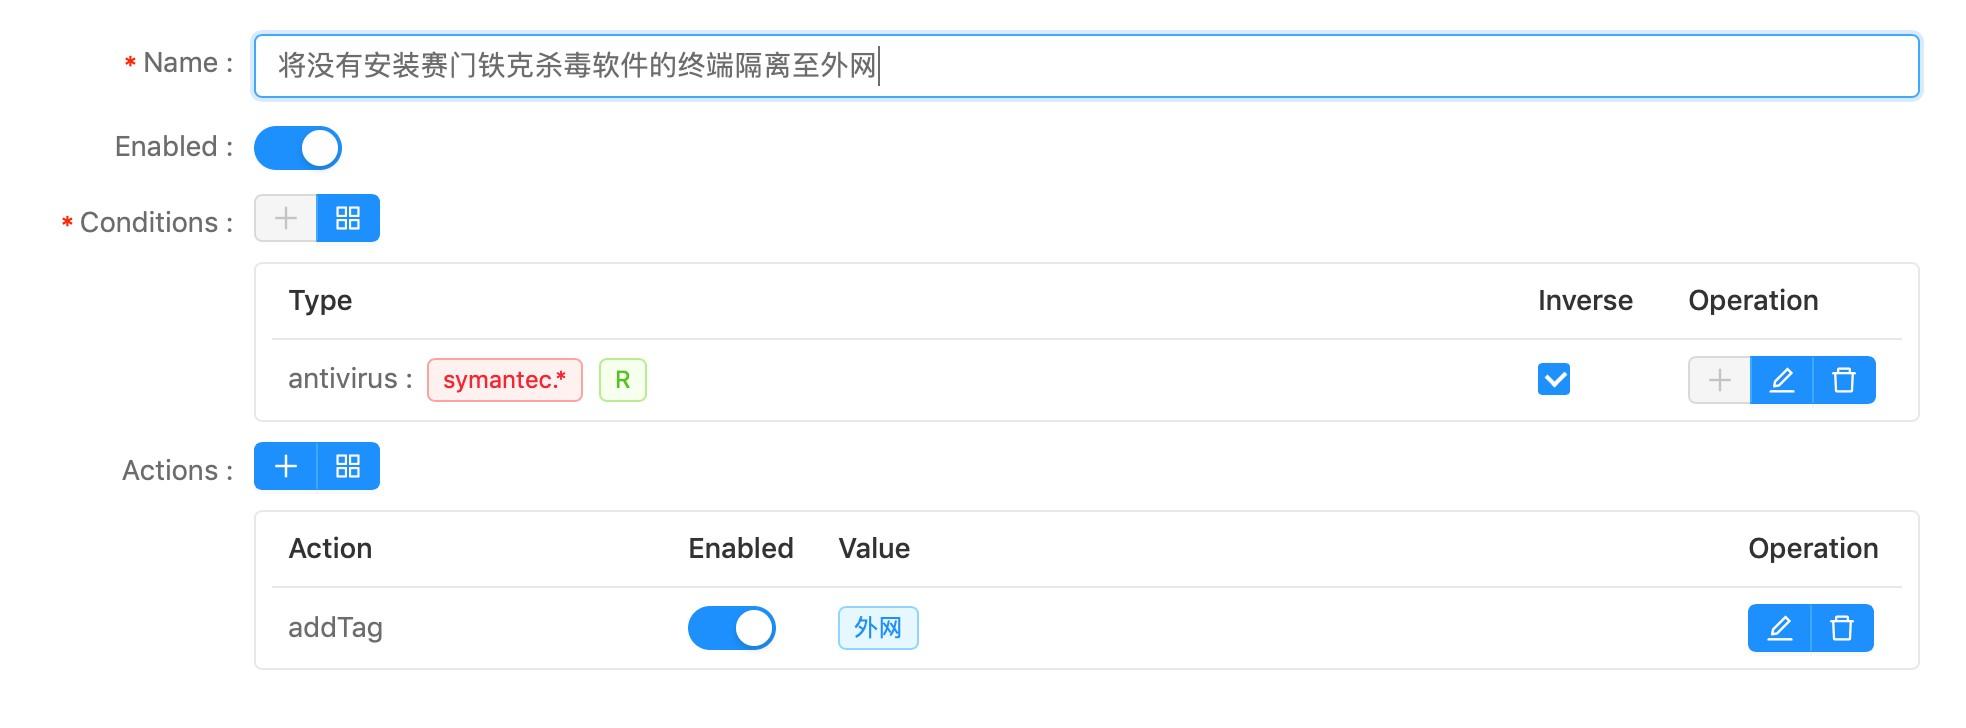 宁盾物联网终端准入之终端wannacry补丁检测及未更新指定补丁自动隔离终端.jpg